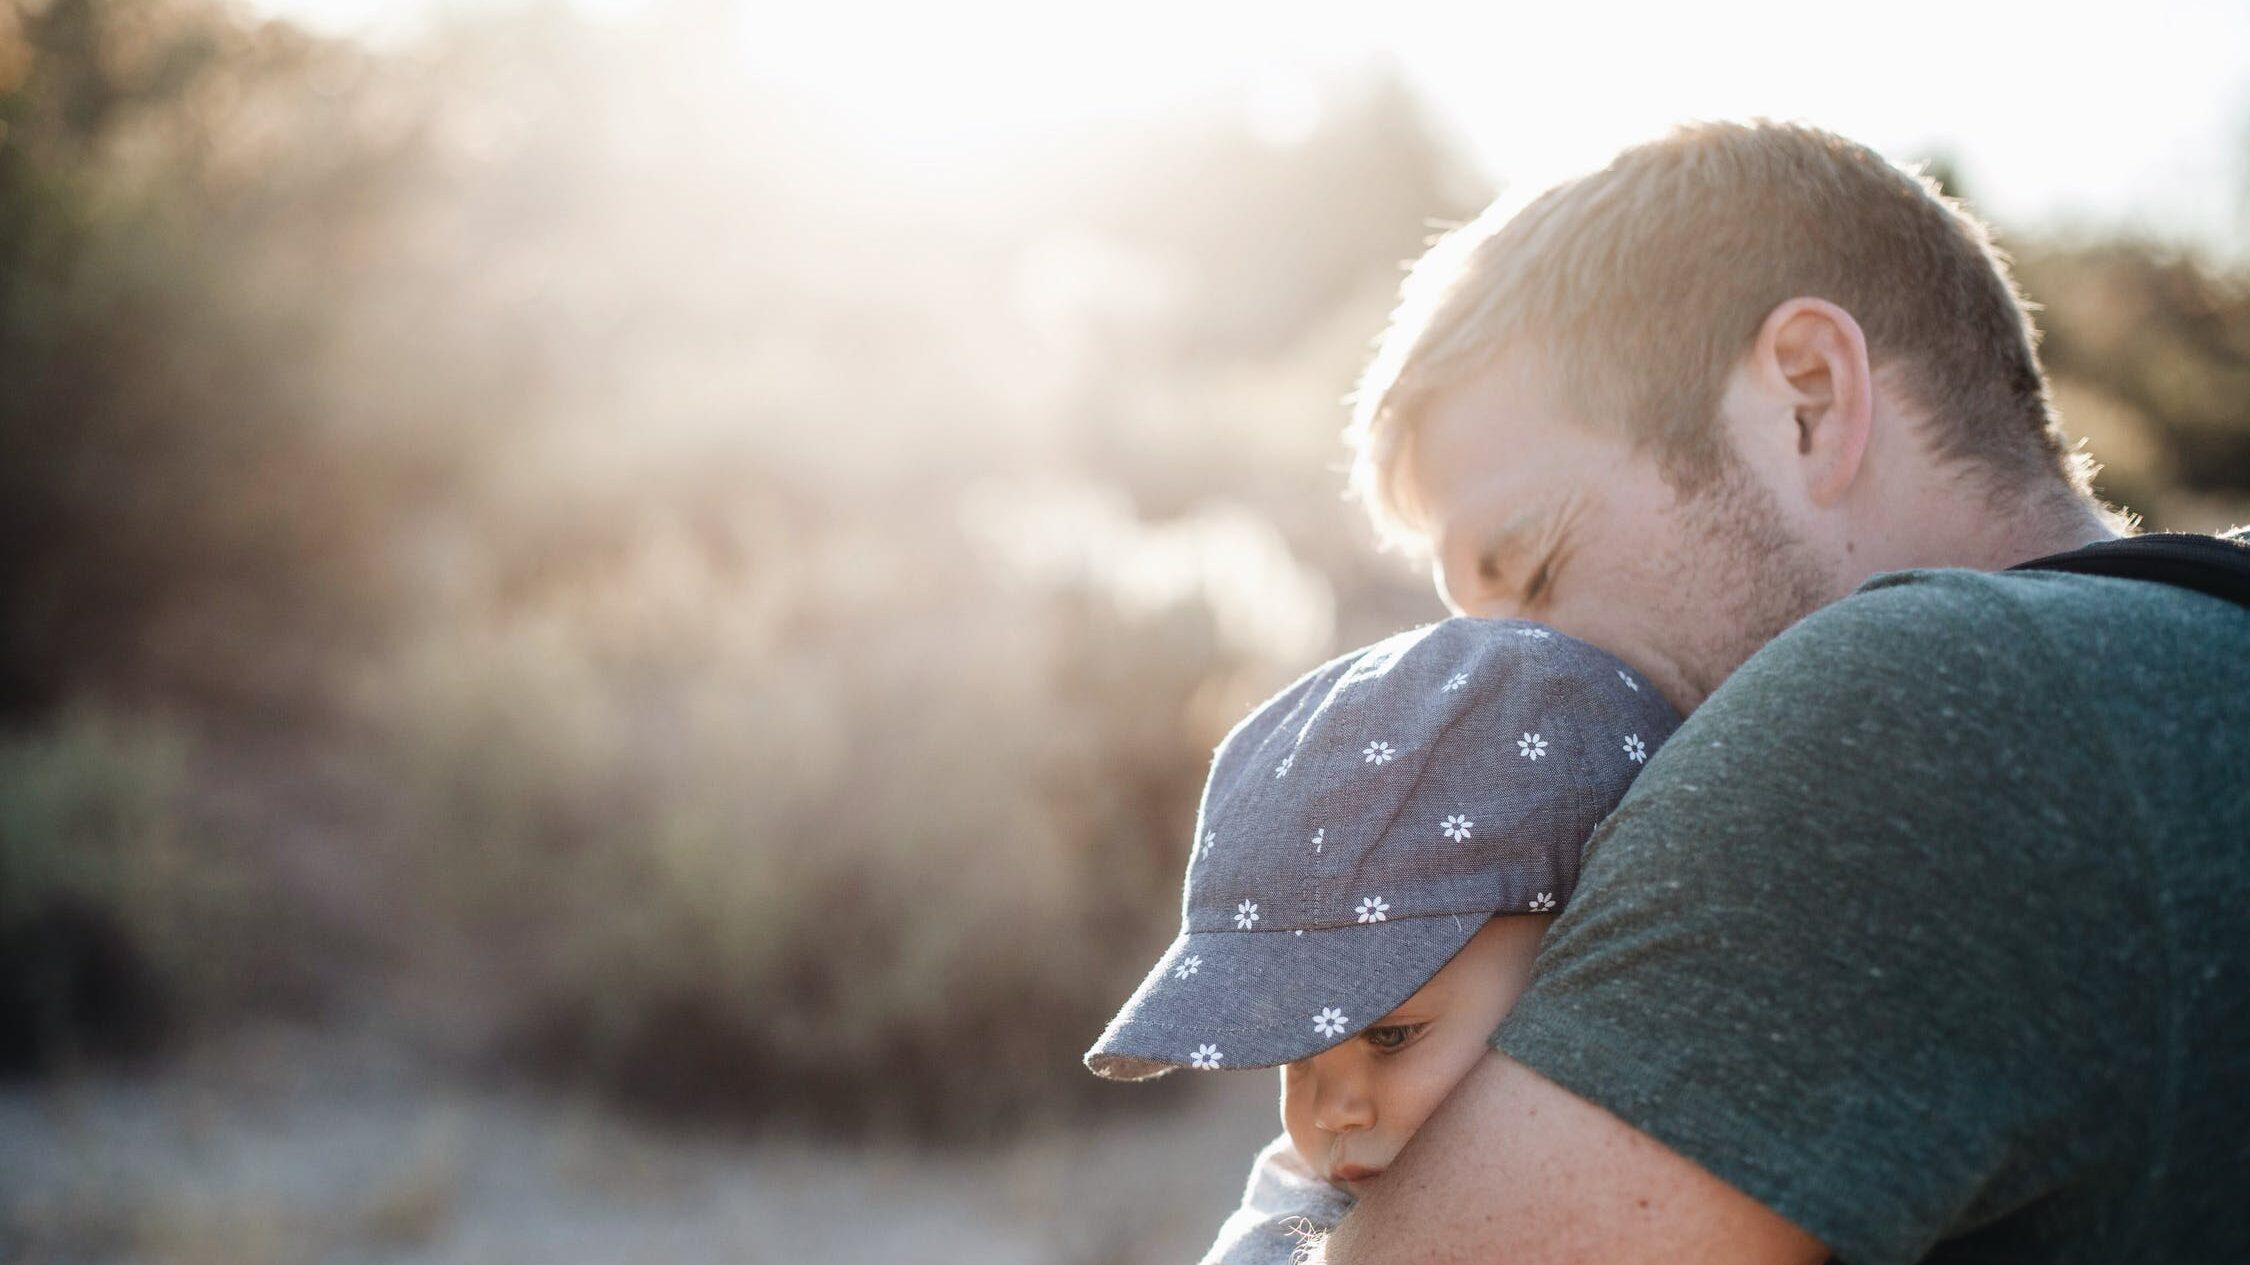 父親になったばかりの夫・旦那が育児ノイローゼに!?なりやすい人や原因、対処法のイメージ画像4